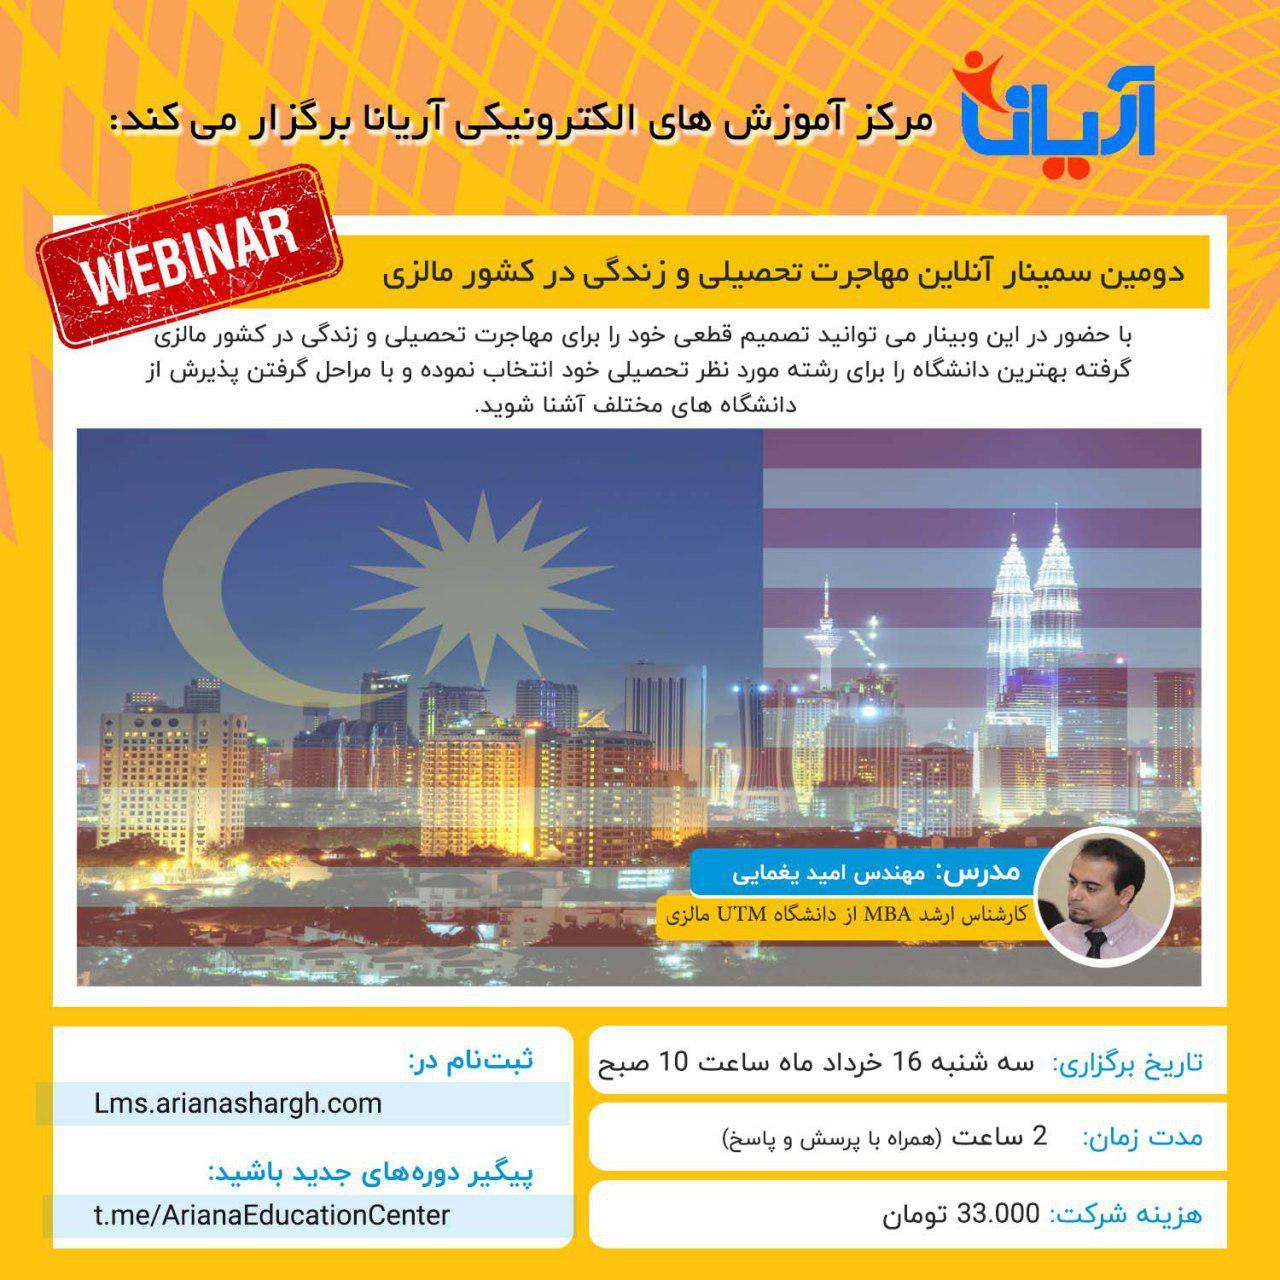 سمینار آنلاین مهاجرت تحصیلی و زندگی در کشور مالزی